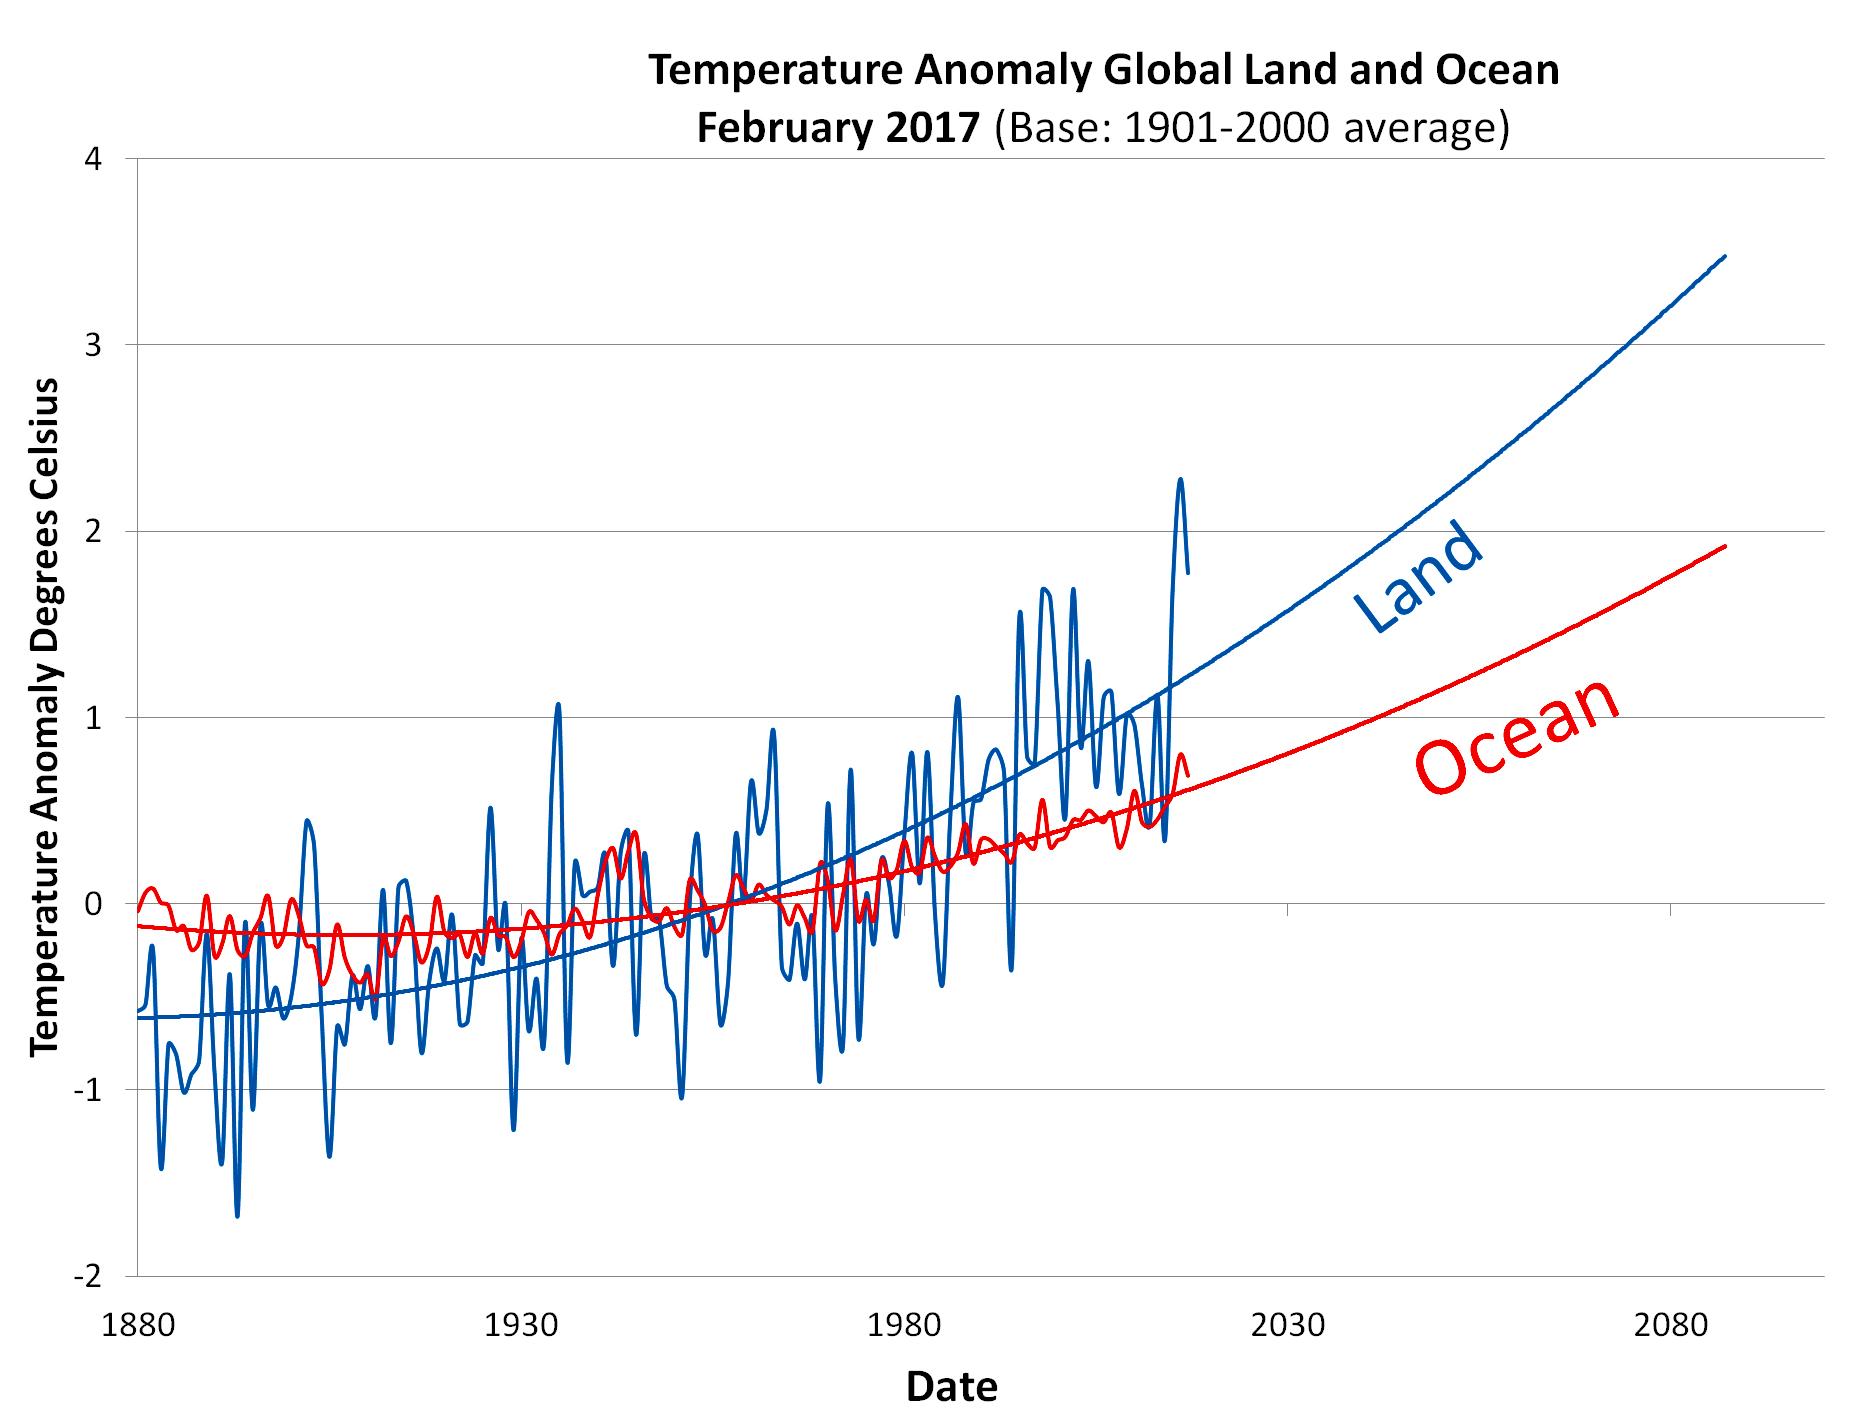 atmosphere and ocean warming graph.jpg